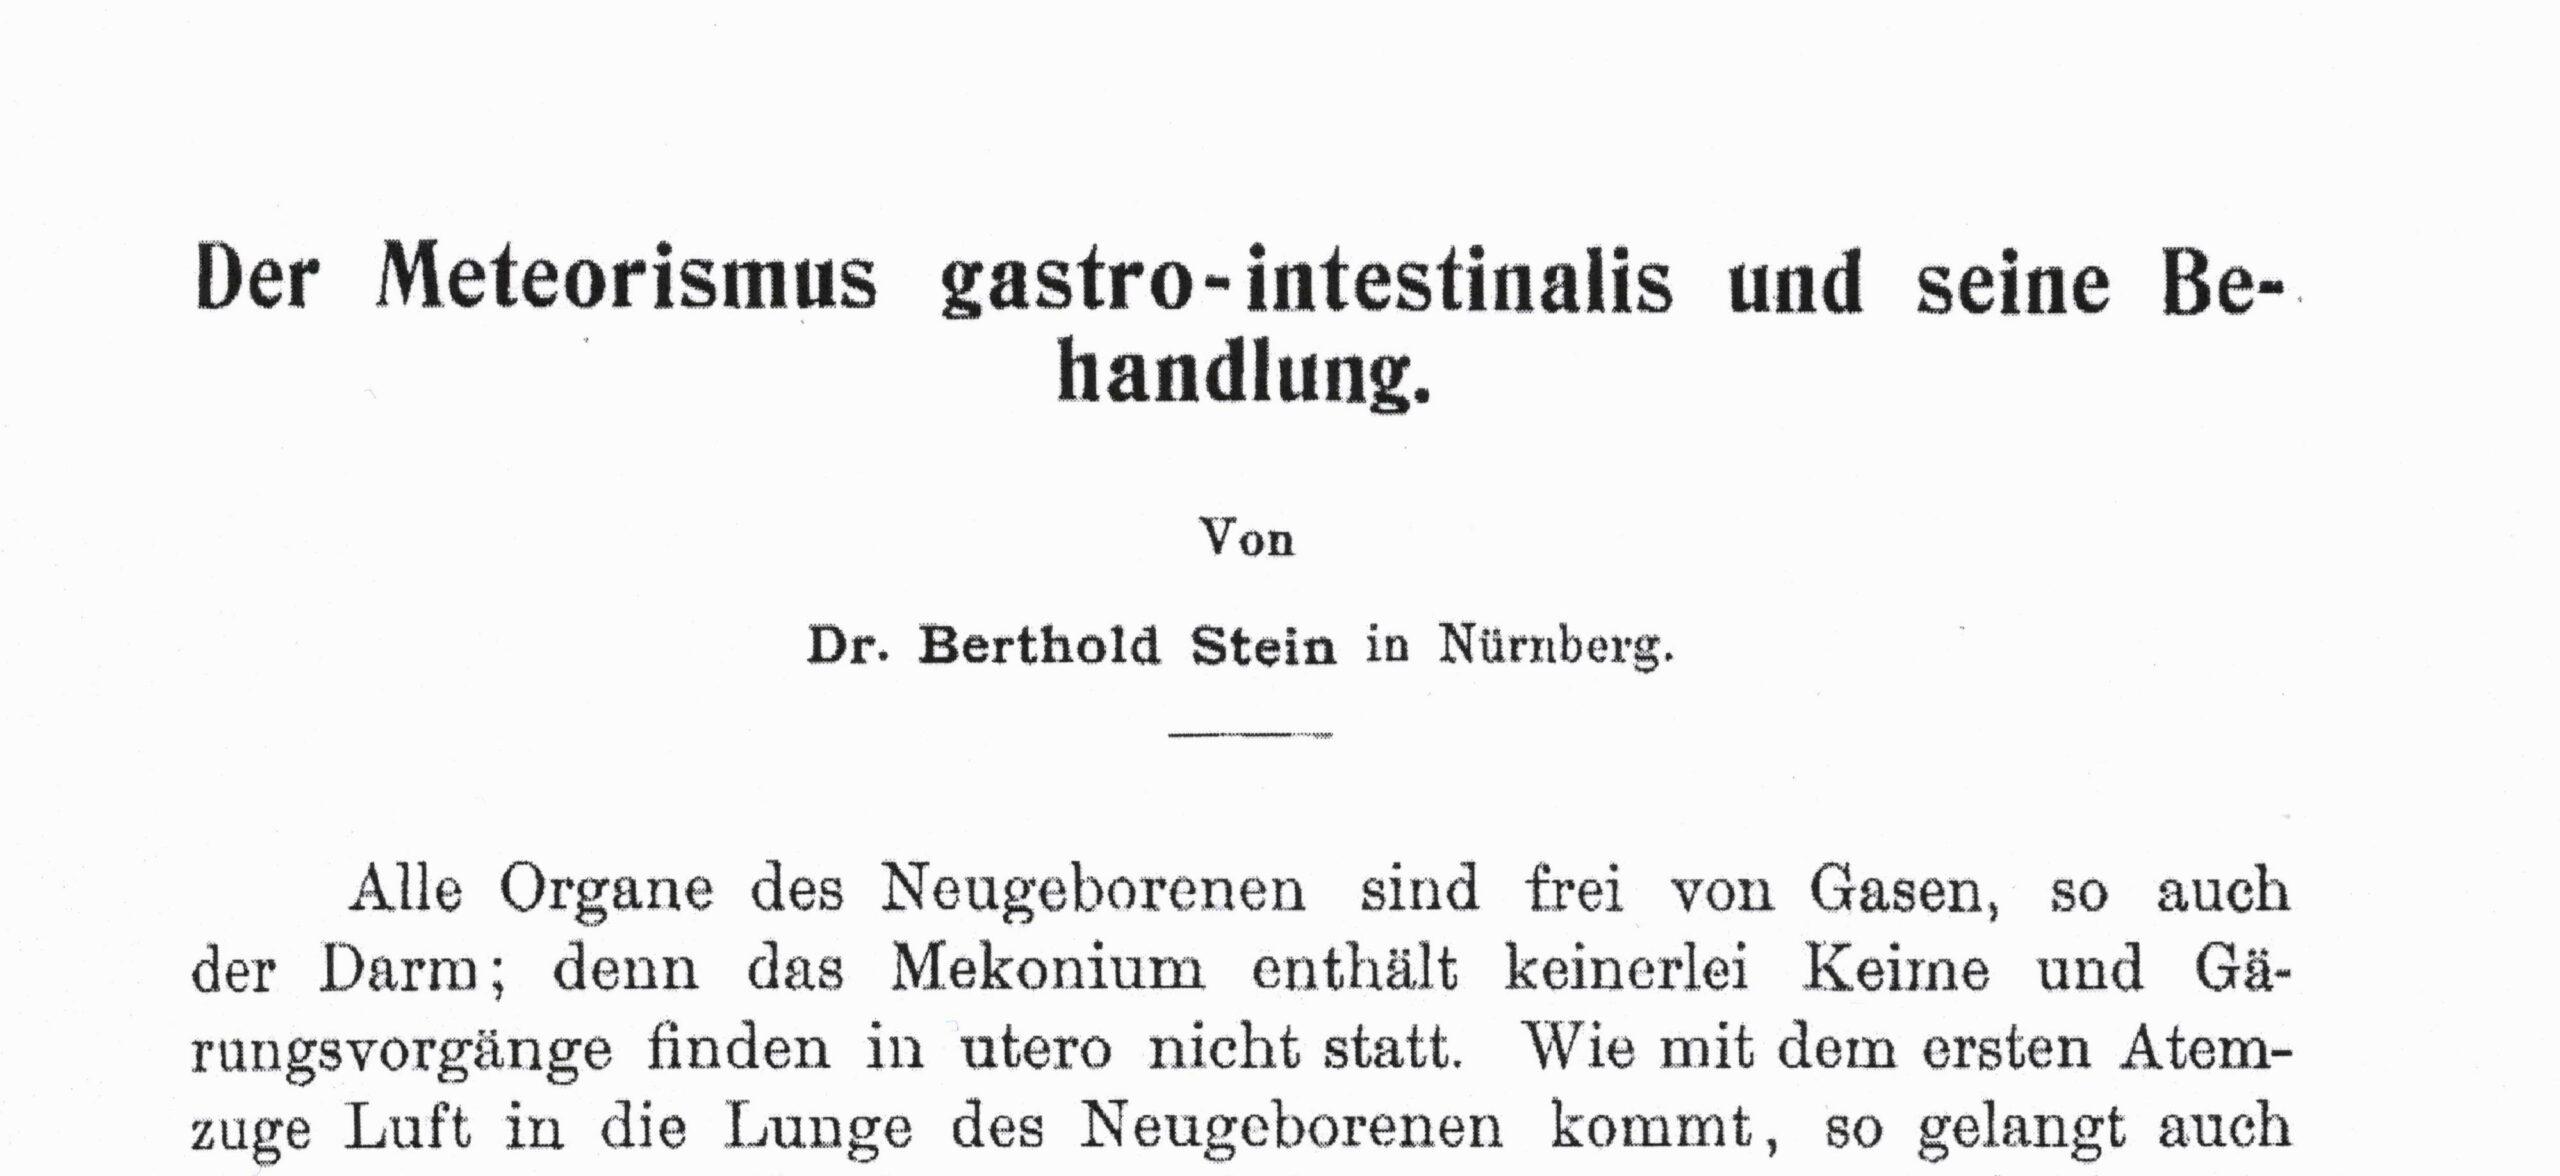 Würzburger Abhandlungen aus dem Gesamtgebiet der praktischen Medizin 1904